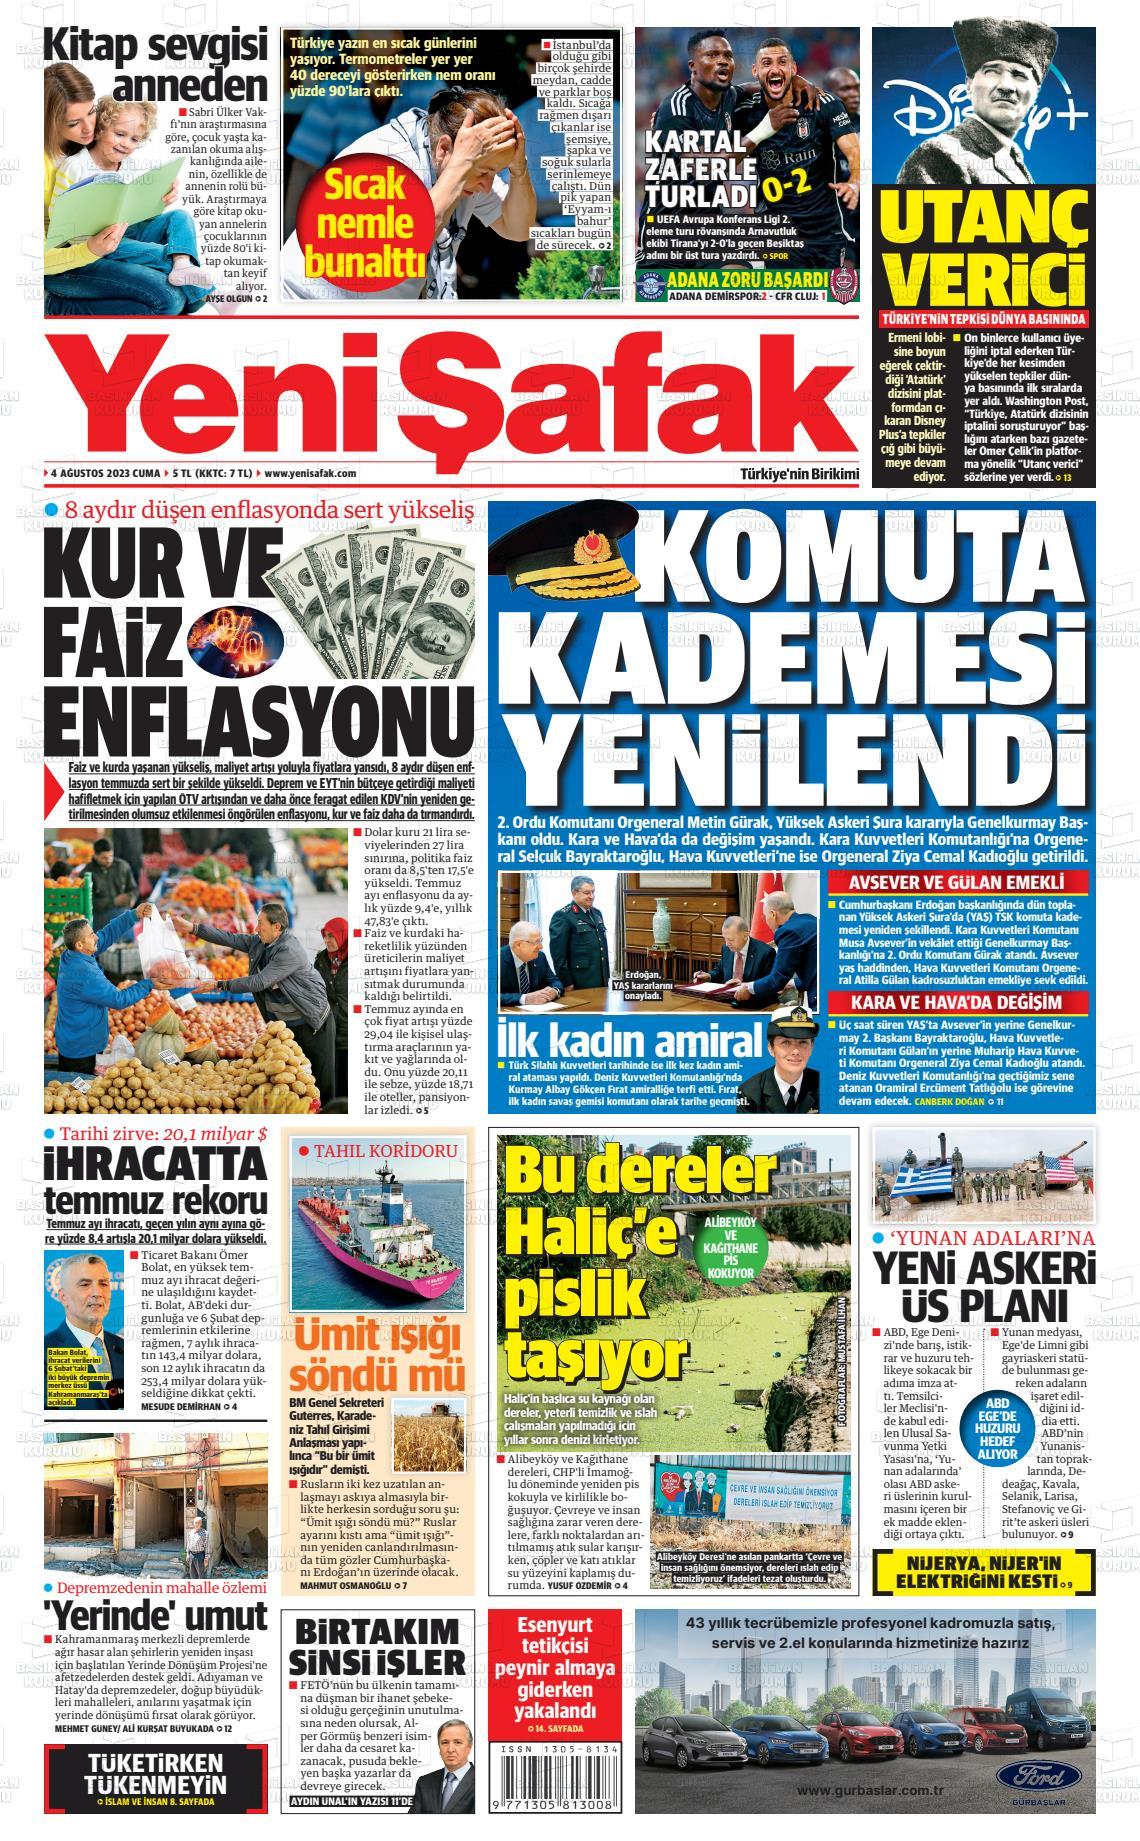 16 Eylül 2019, Pazartesi yenisafak Gazetesi